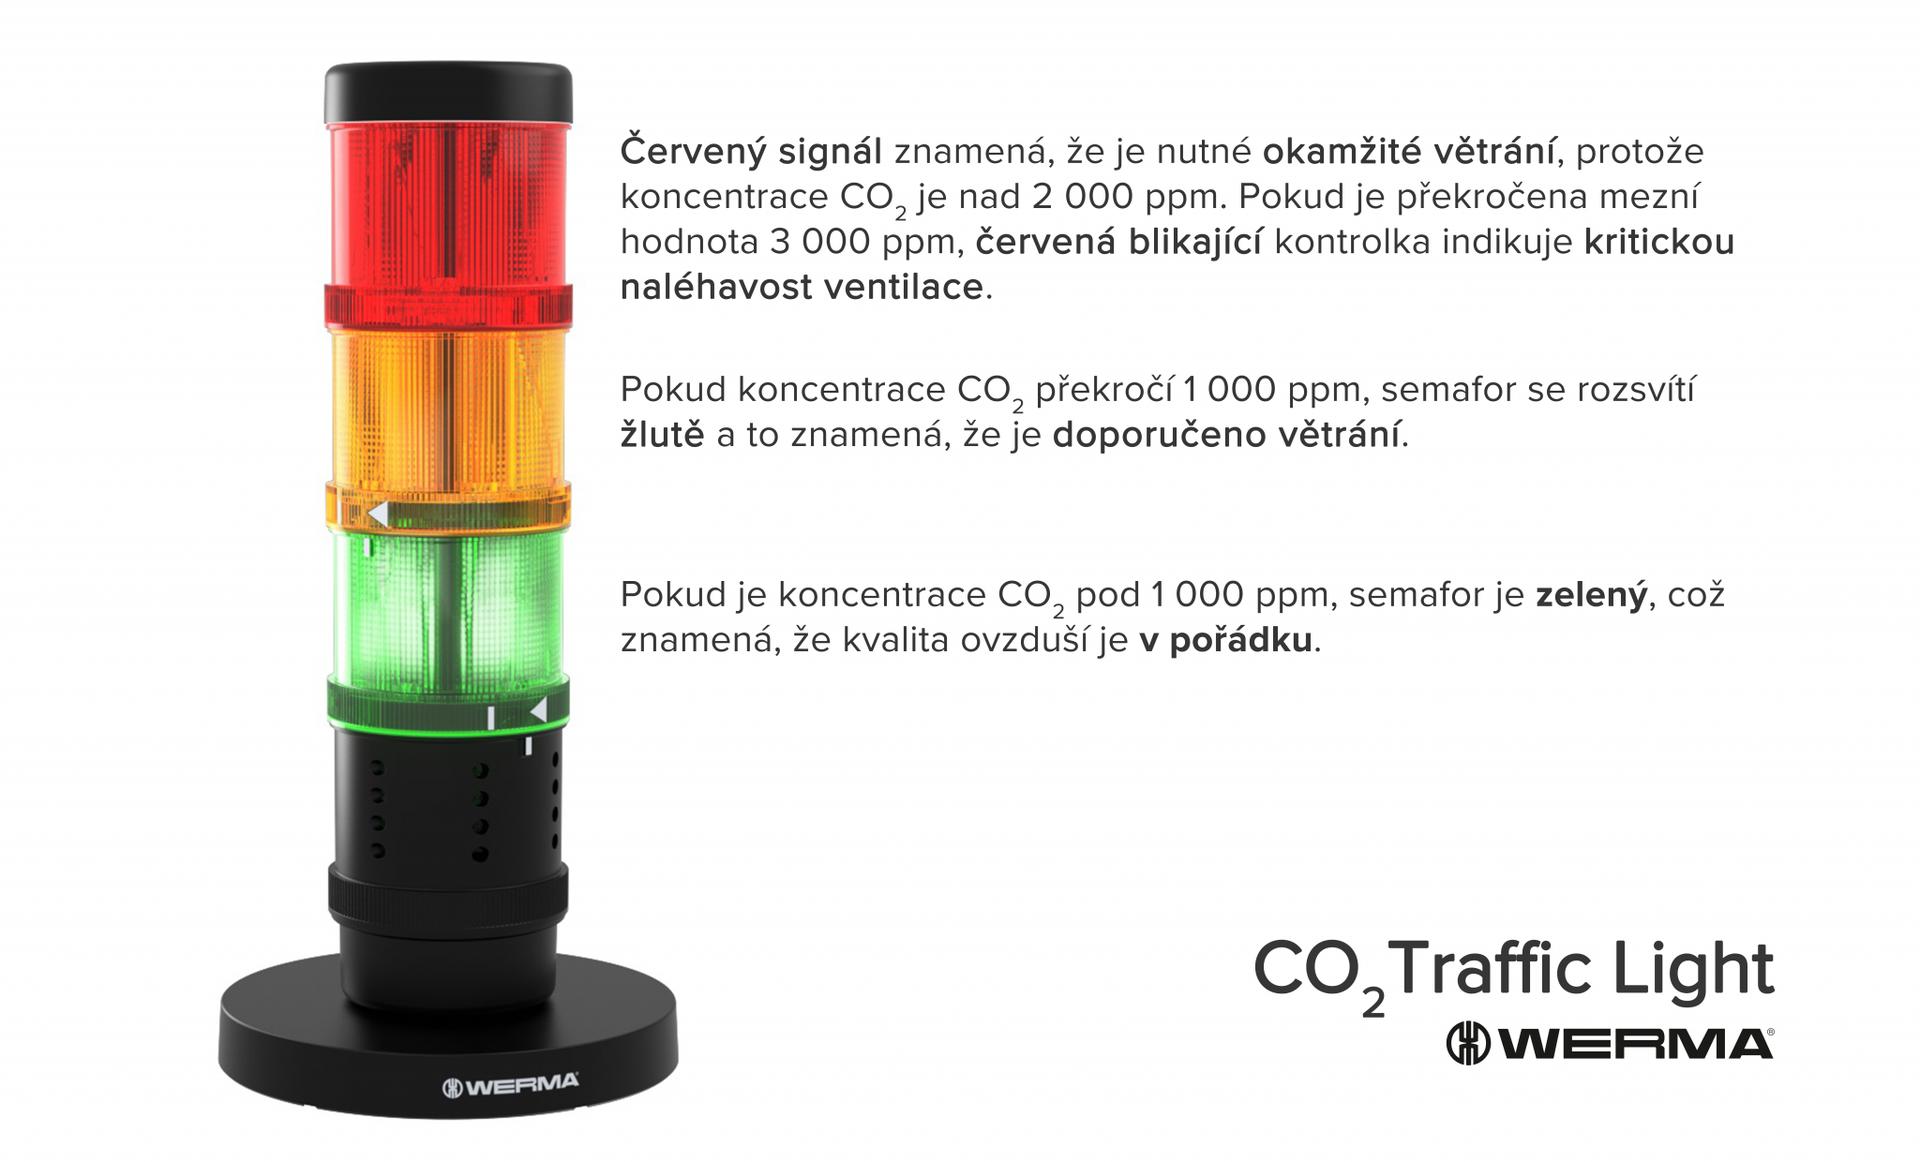 CO2 semafor s popisem